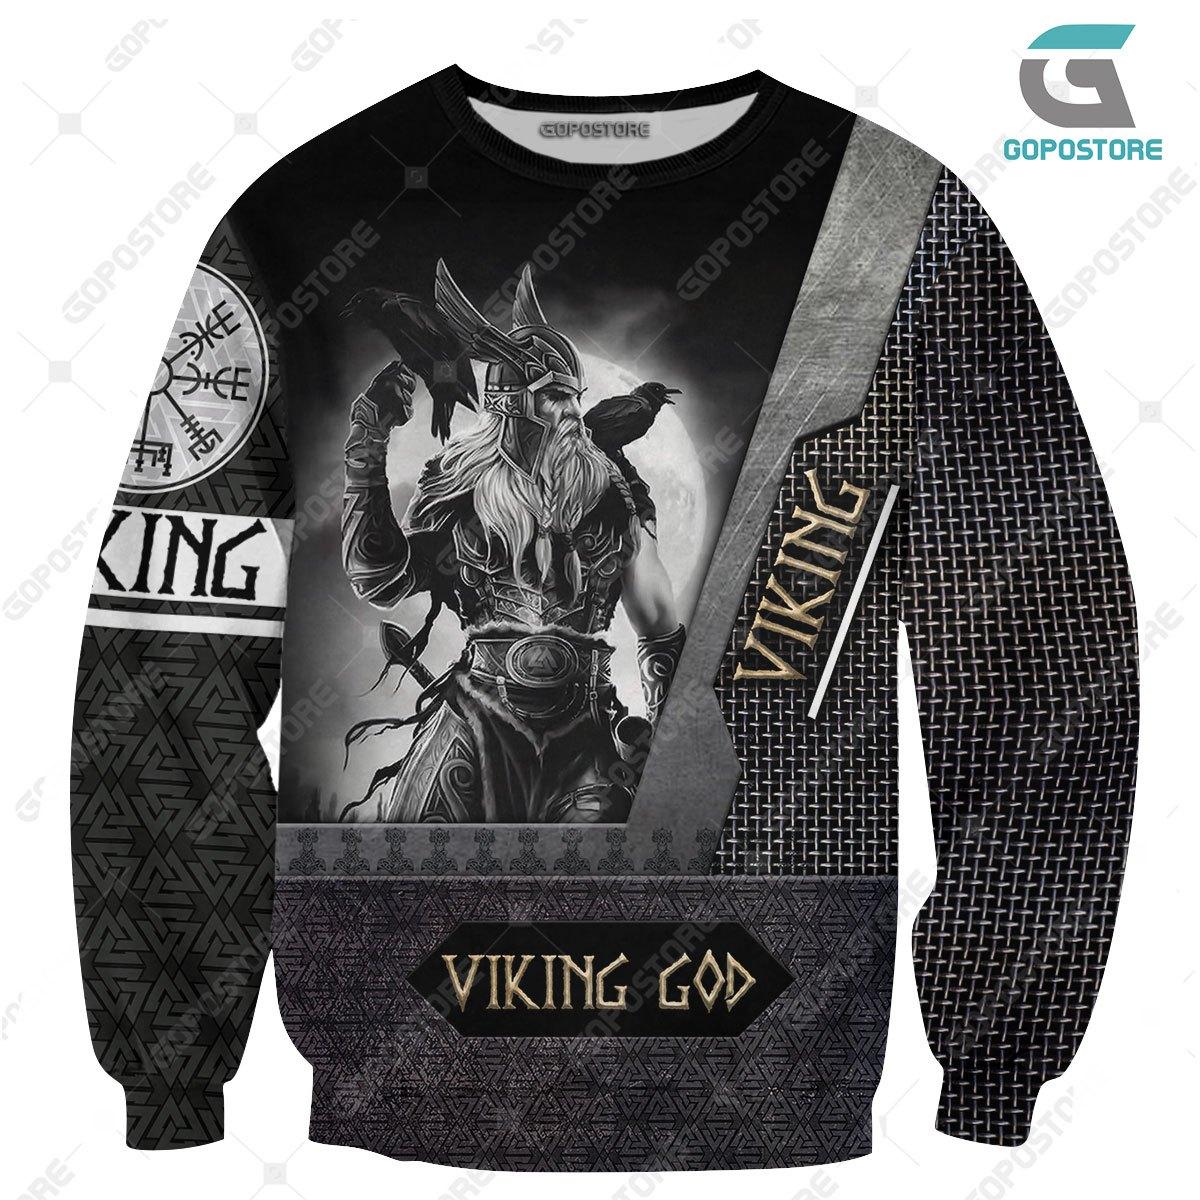 Viking god viking warrior full printing sweatshirt